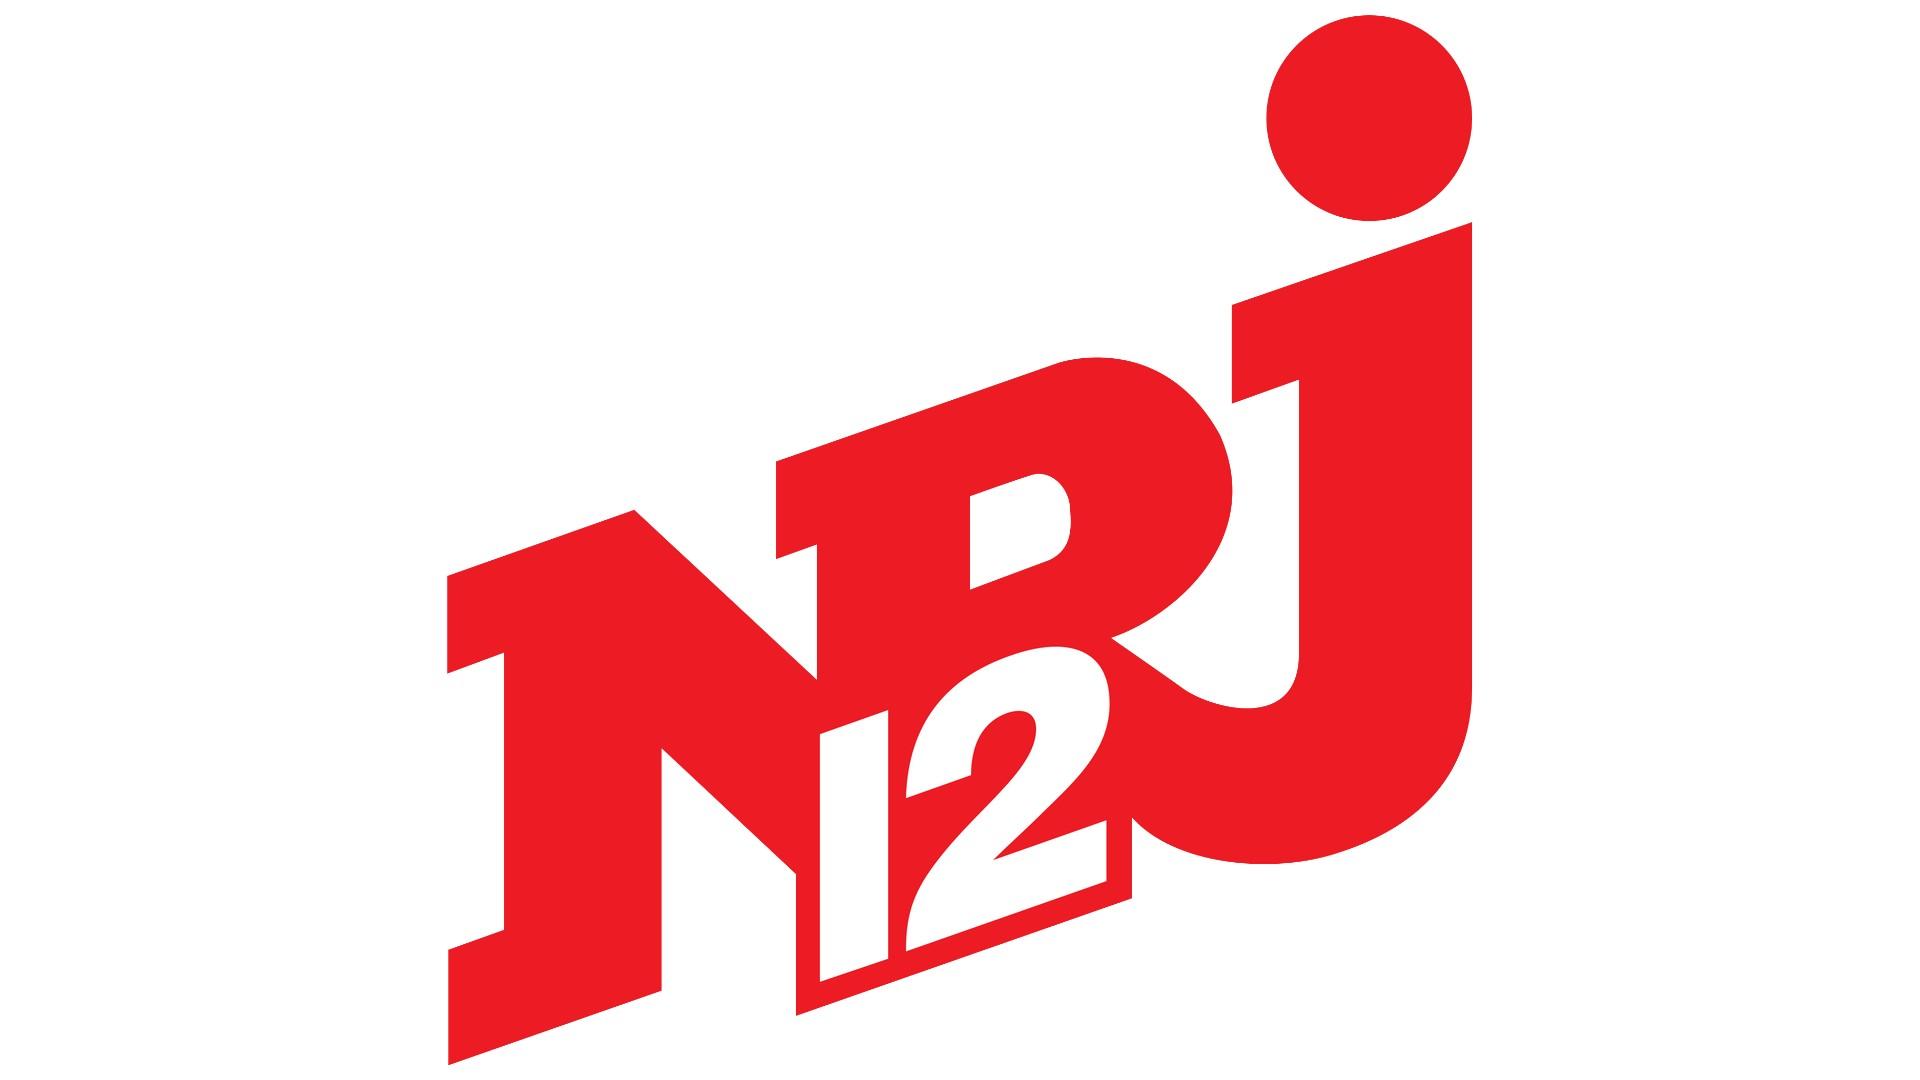 NRJ 12 (1) logo